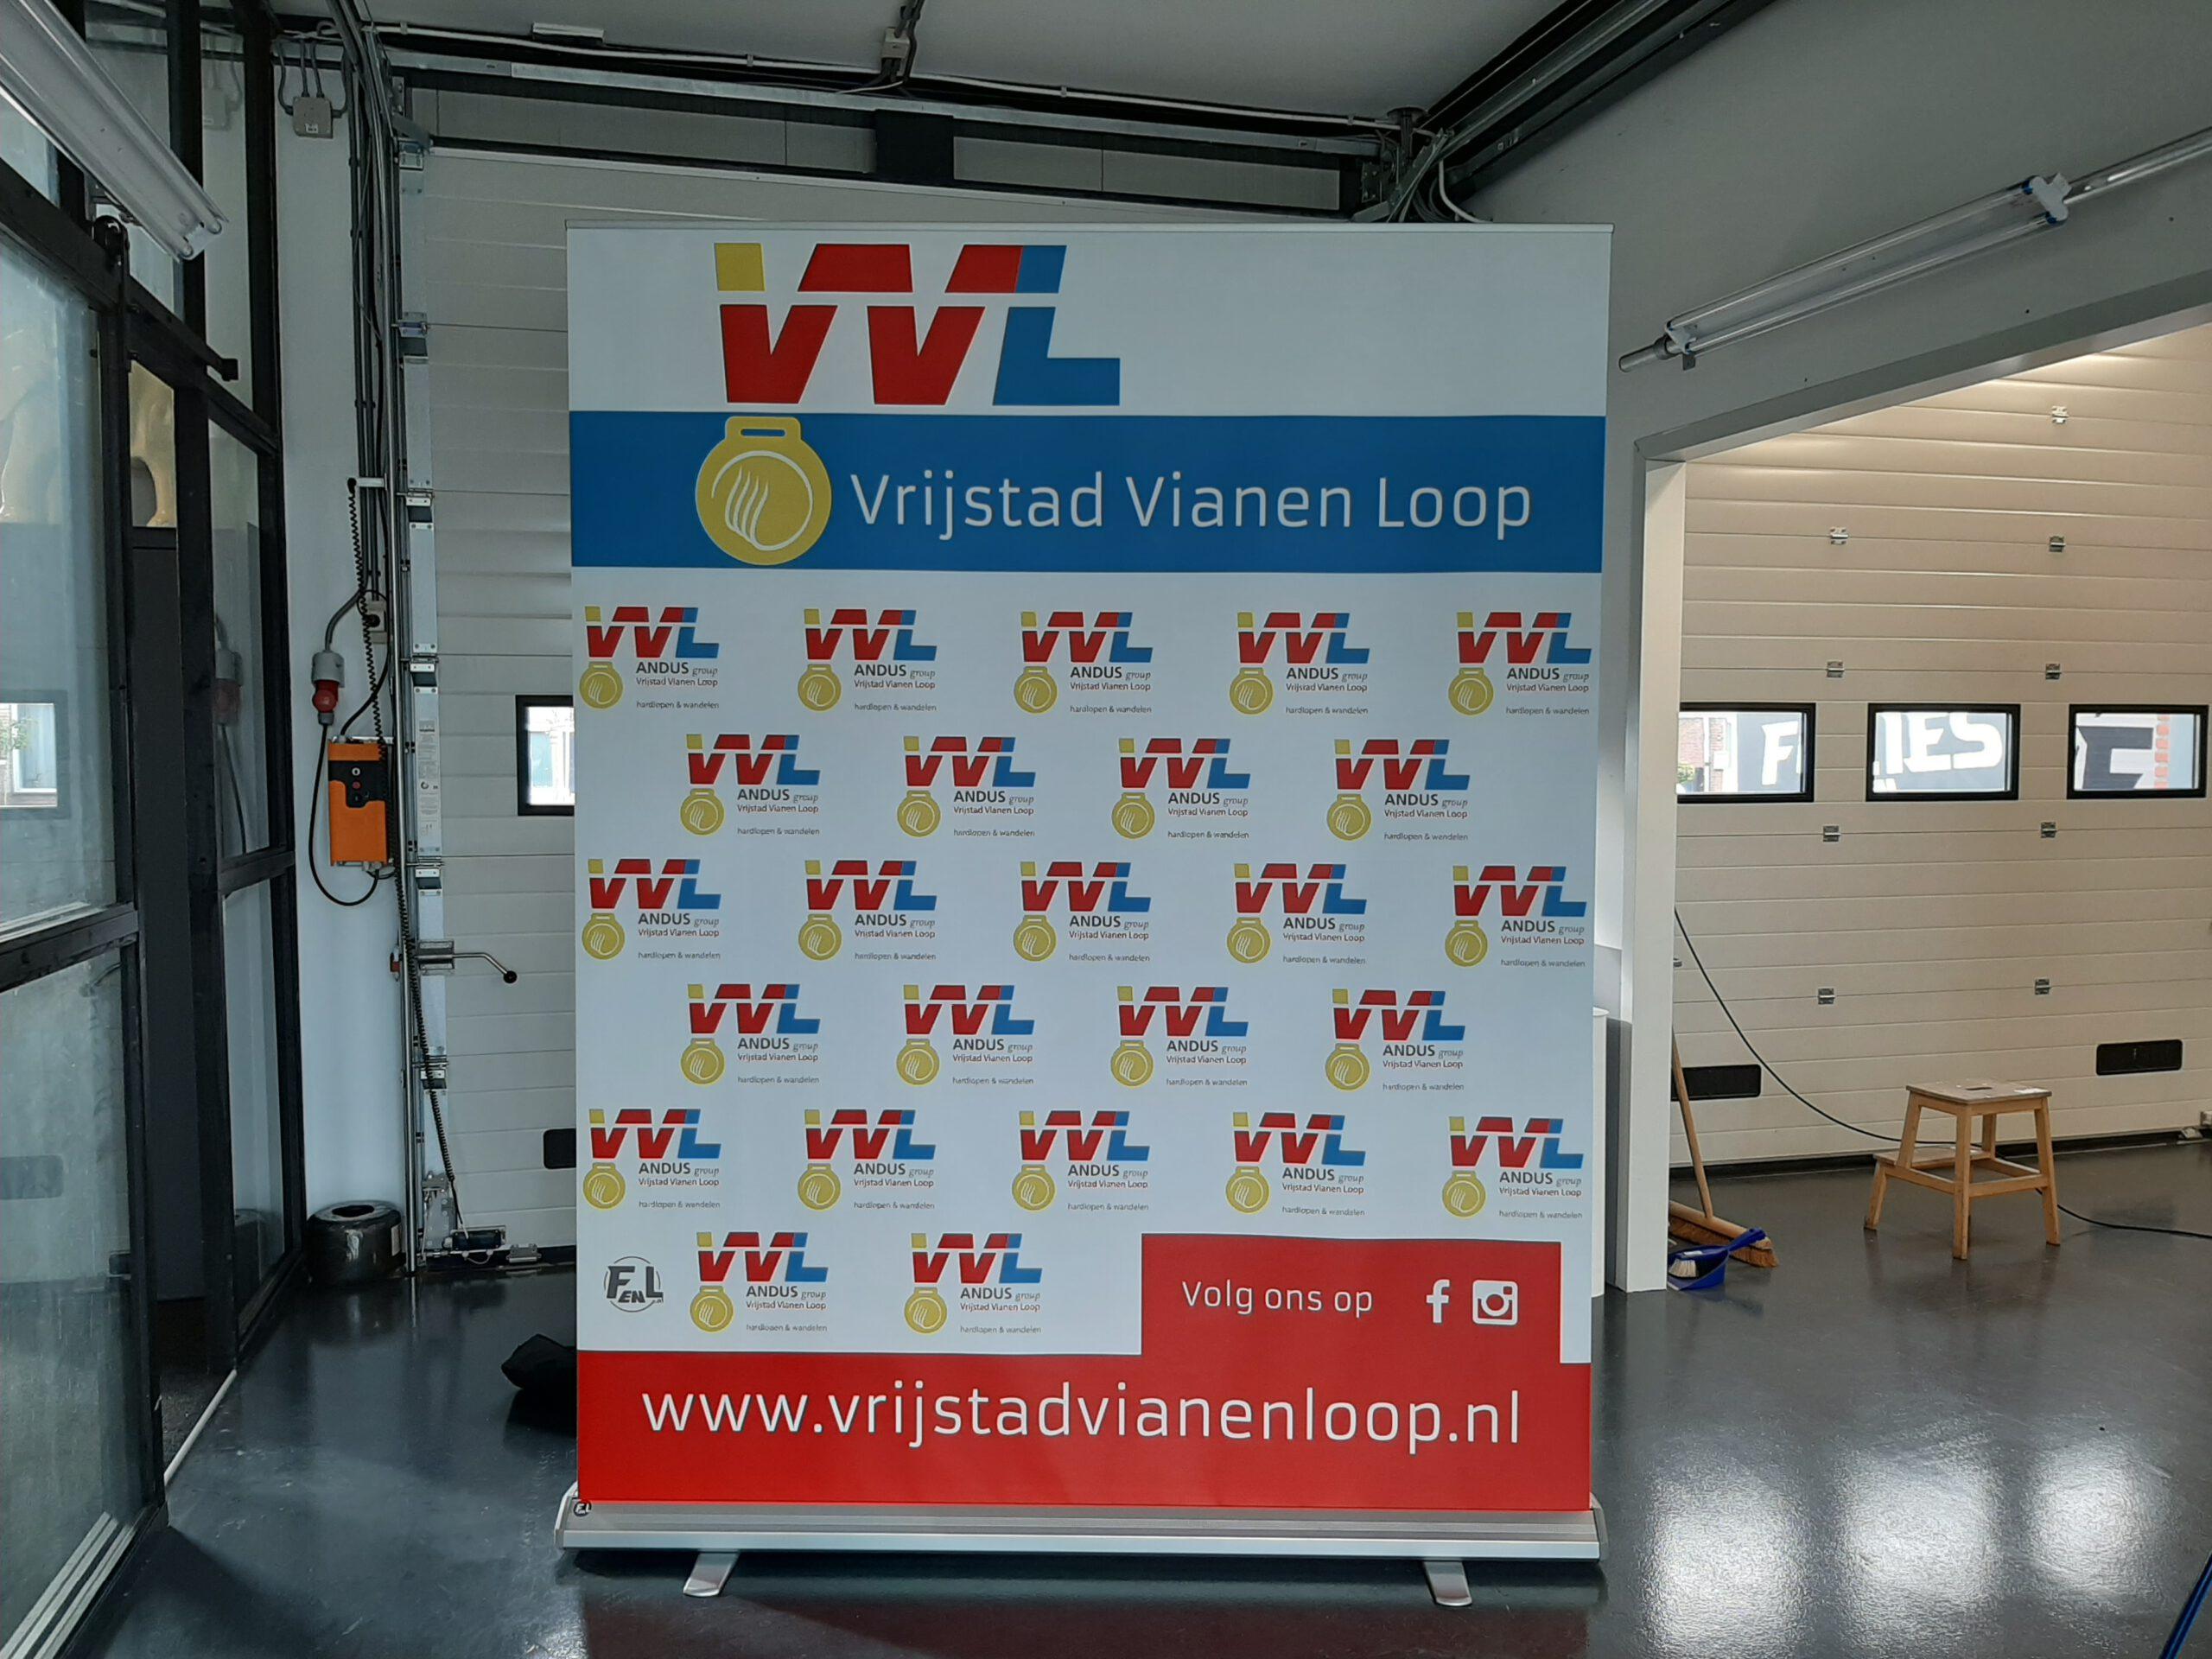 Roll up banner Vrijstad Vianen Loop